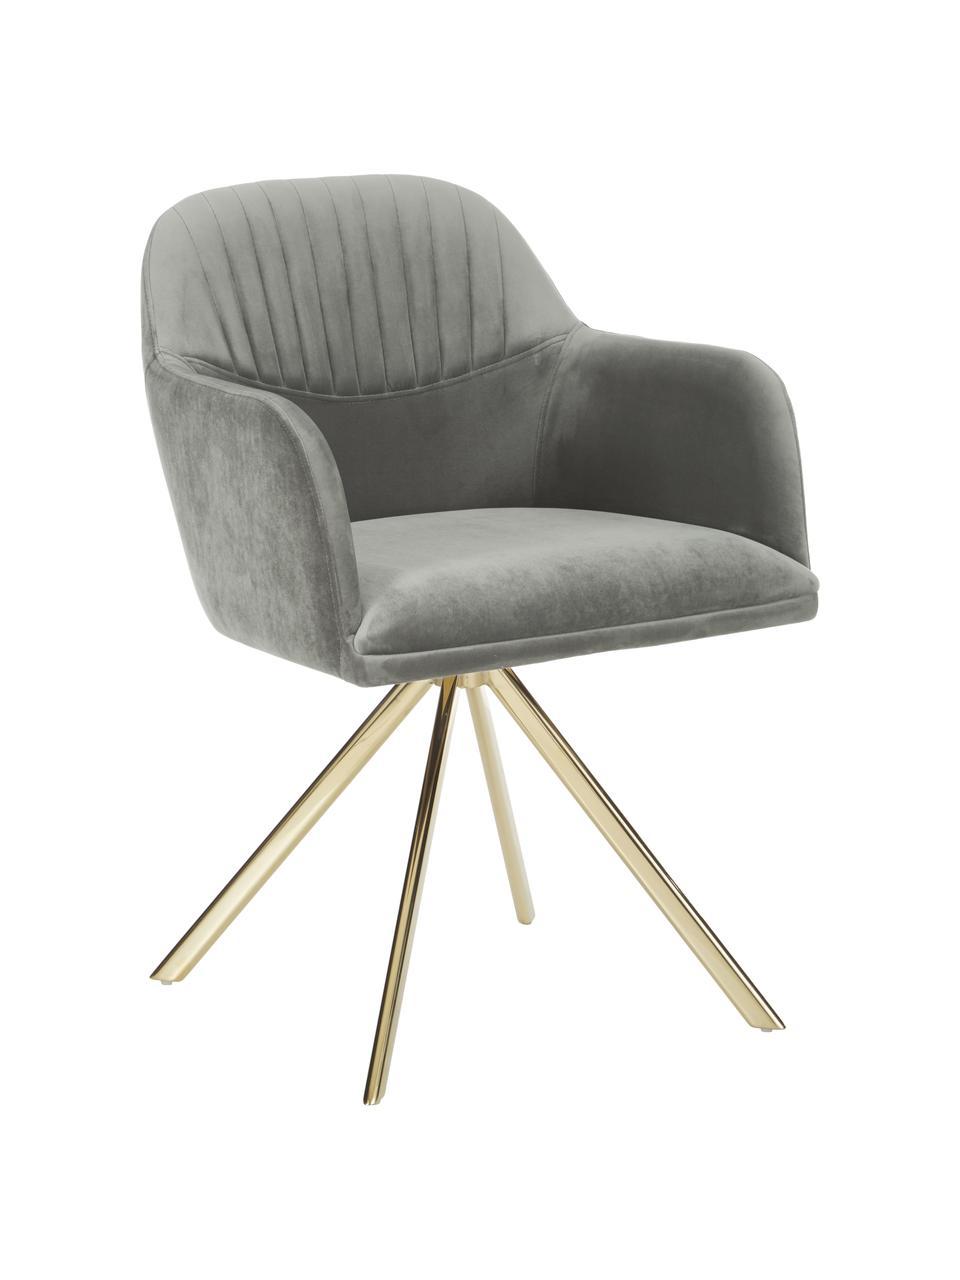 Sametová otočná židle spodručkami Lola, Tmavě šedá Nohy: zlatá